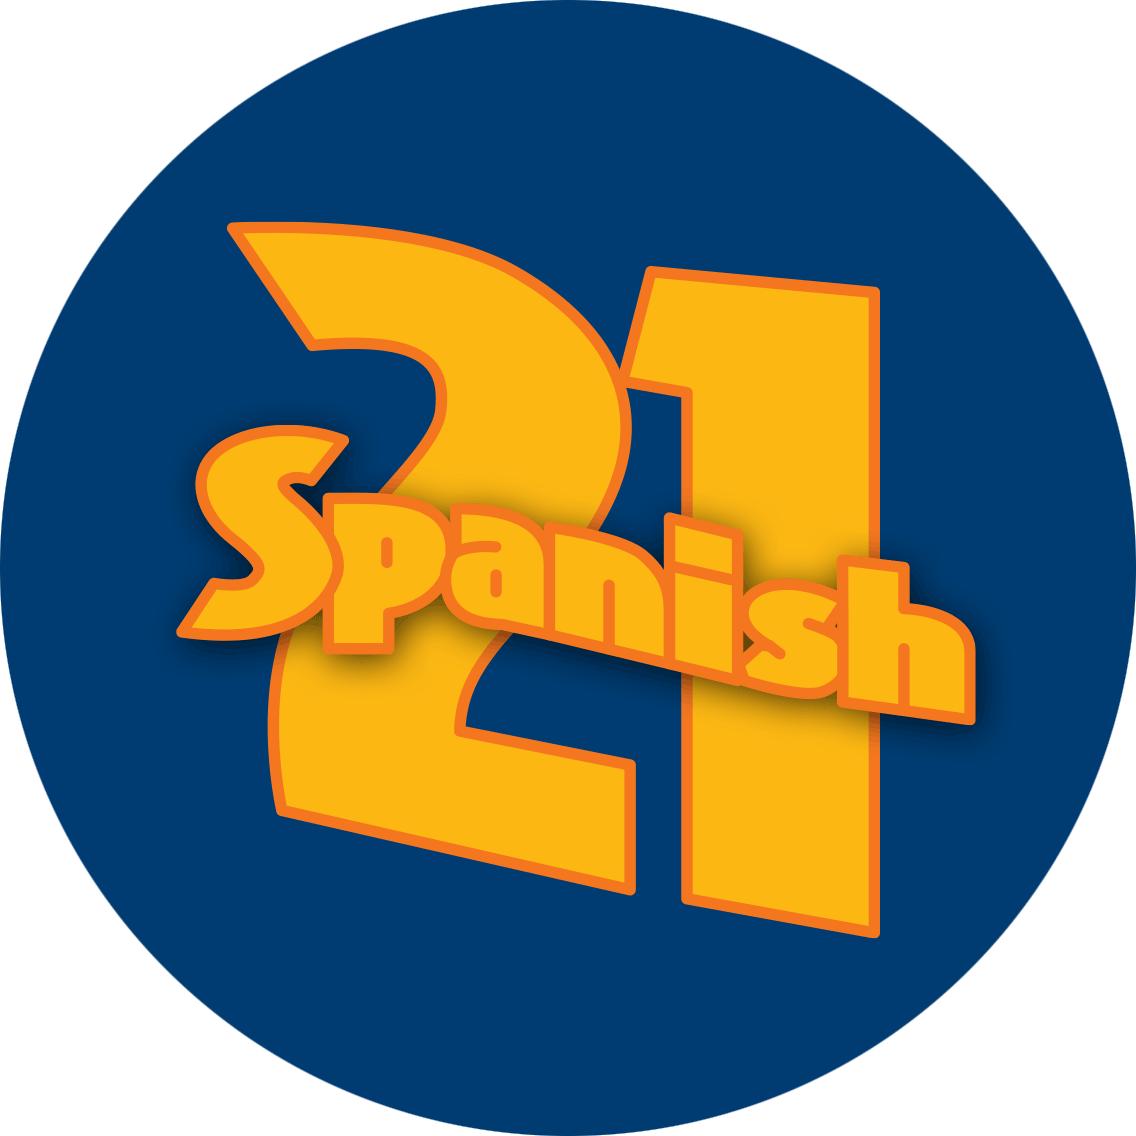 「西班牙式」的英文「Spanish」橫斷式寫在「21」上。